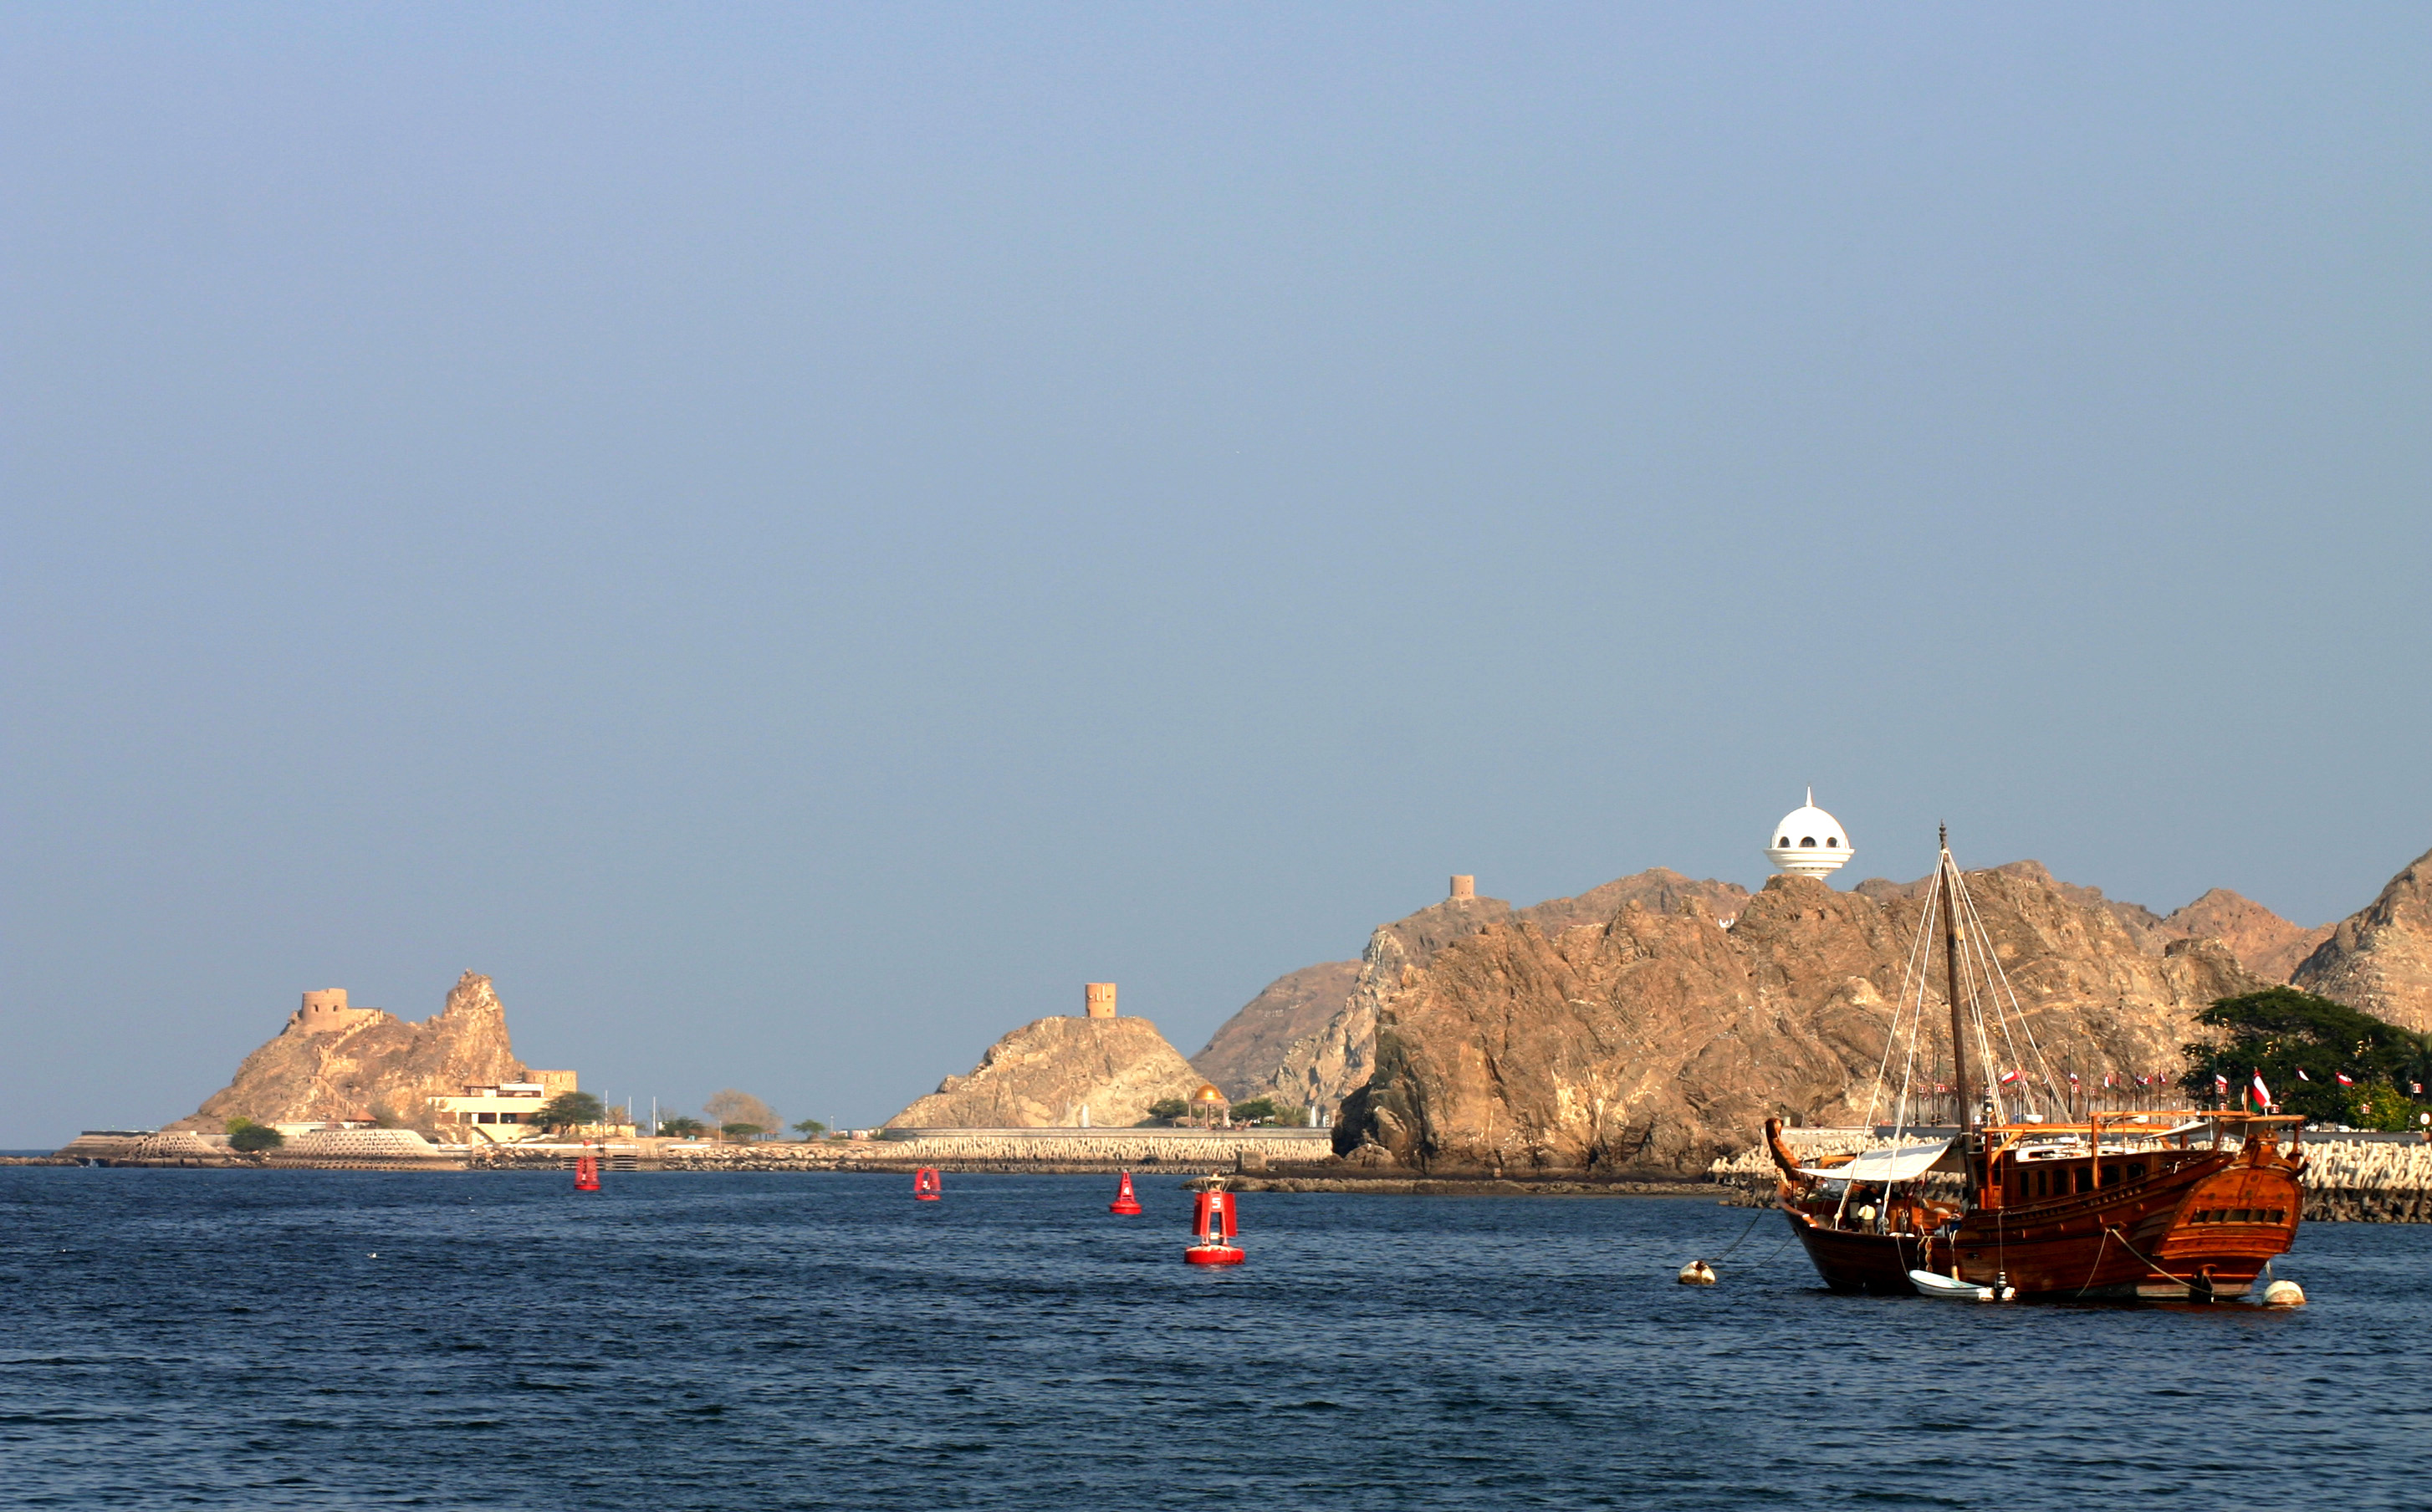 Eines unserer  meistverkauften Motive: Muttrah (Oman).